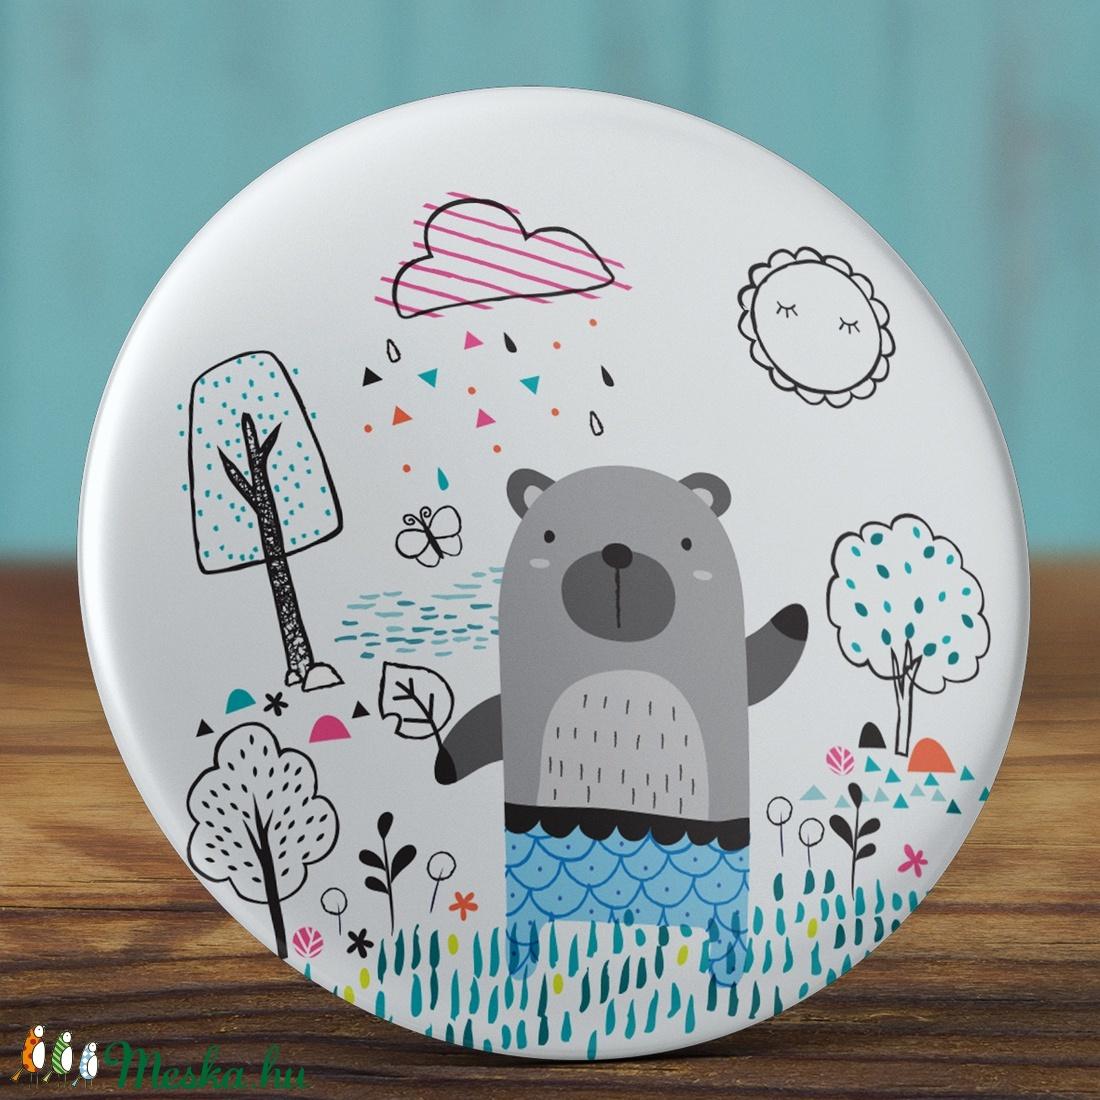 Szürke maci mágnes - medve mágnes- esős mágnes - állat hűtőmágnes - ruhás maci mágnes - ajándék - fiú maci - fa - eső  (AngelPin) - Meska.hu